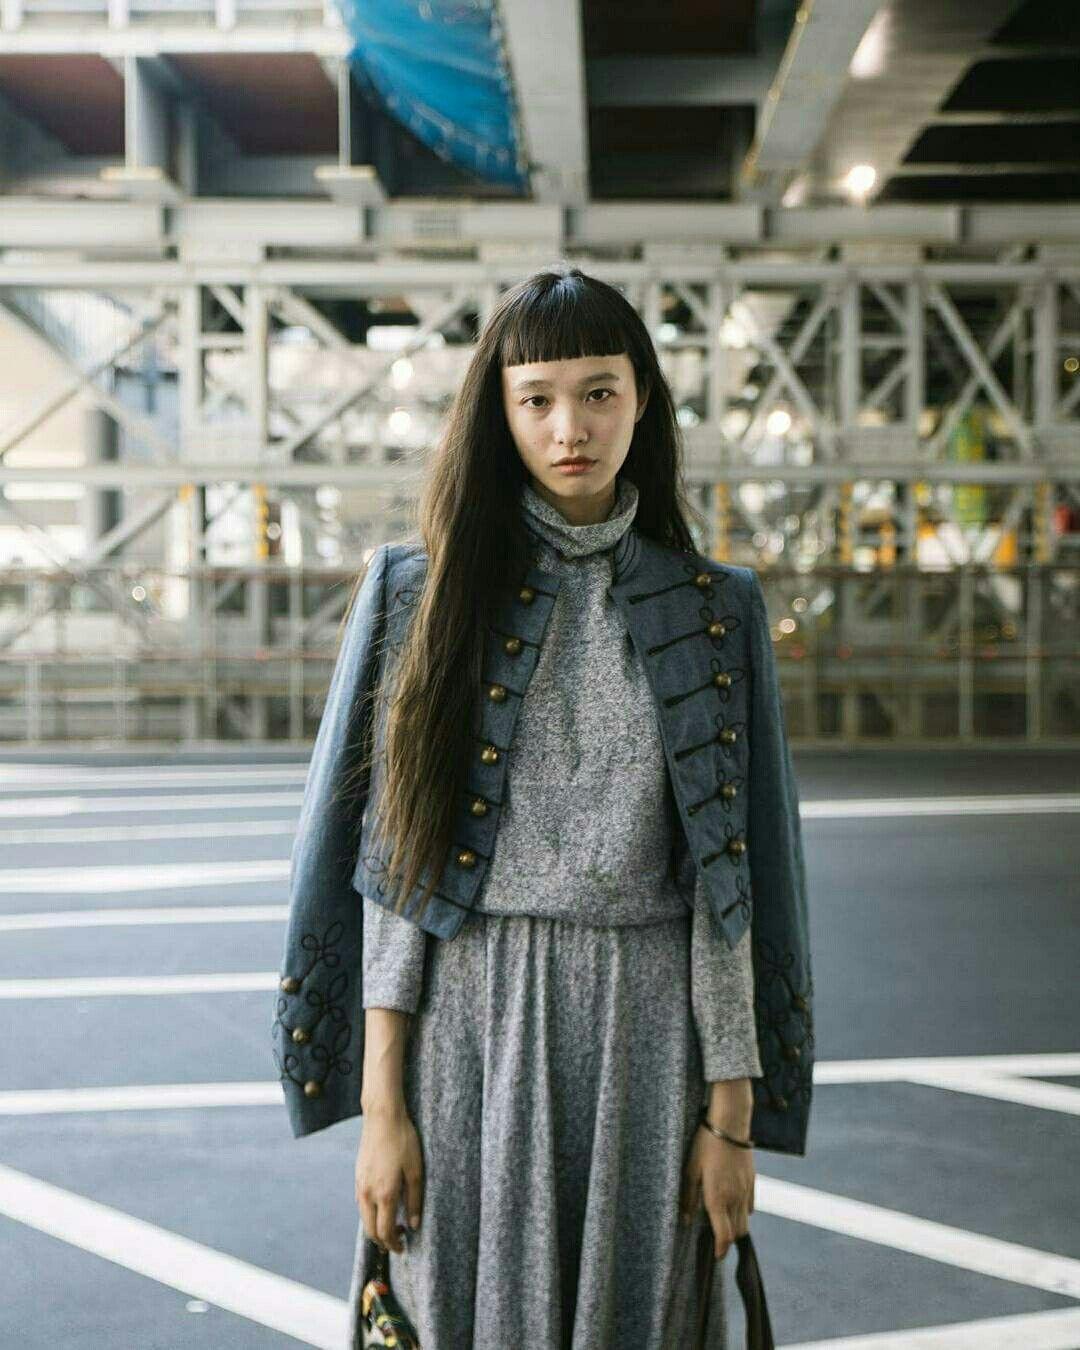 Que hermosa chaqueta style pinterest chaquetas for Chaquetas guapas